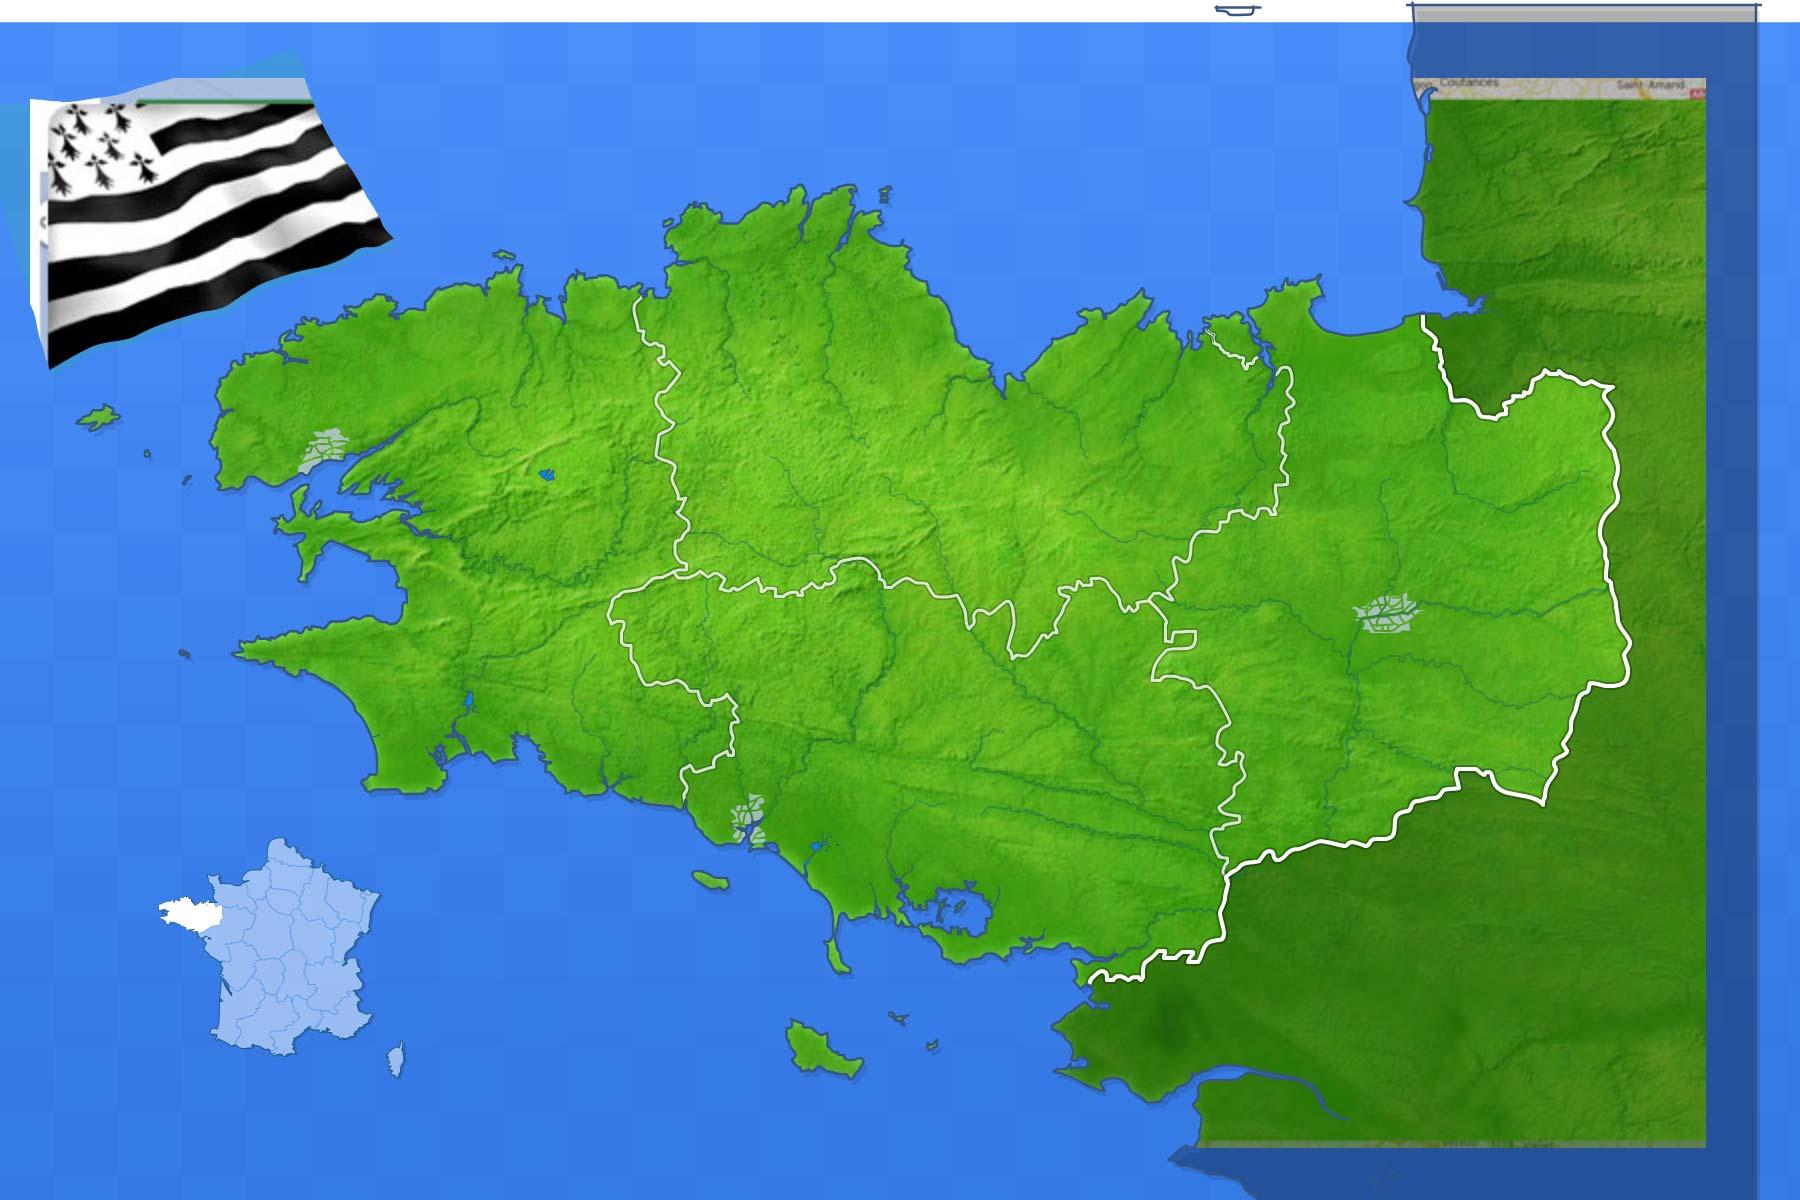 Jeux-Geographiques Jeux Gratuits Villes De Bretagne avec Jeux Des Villes De France